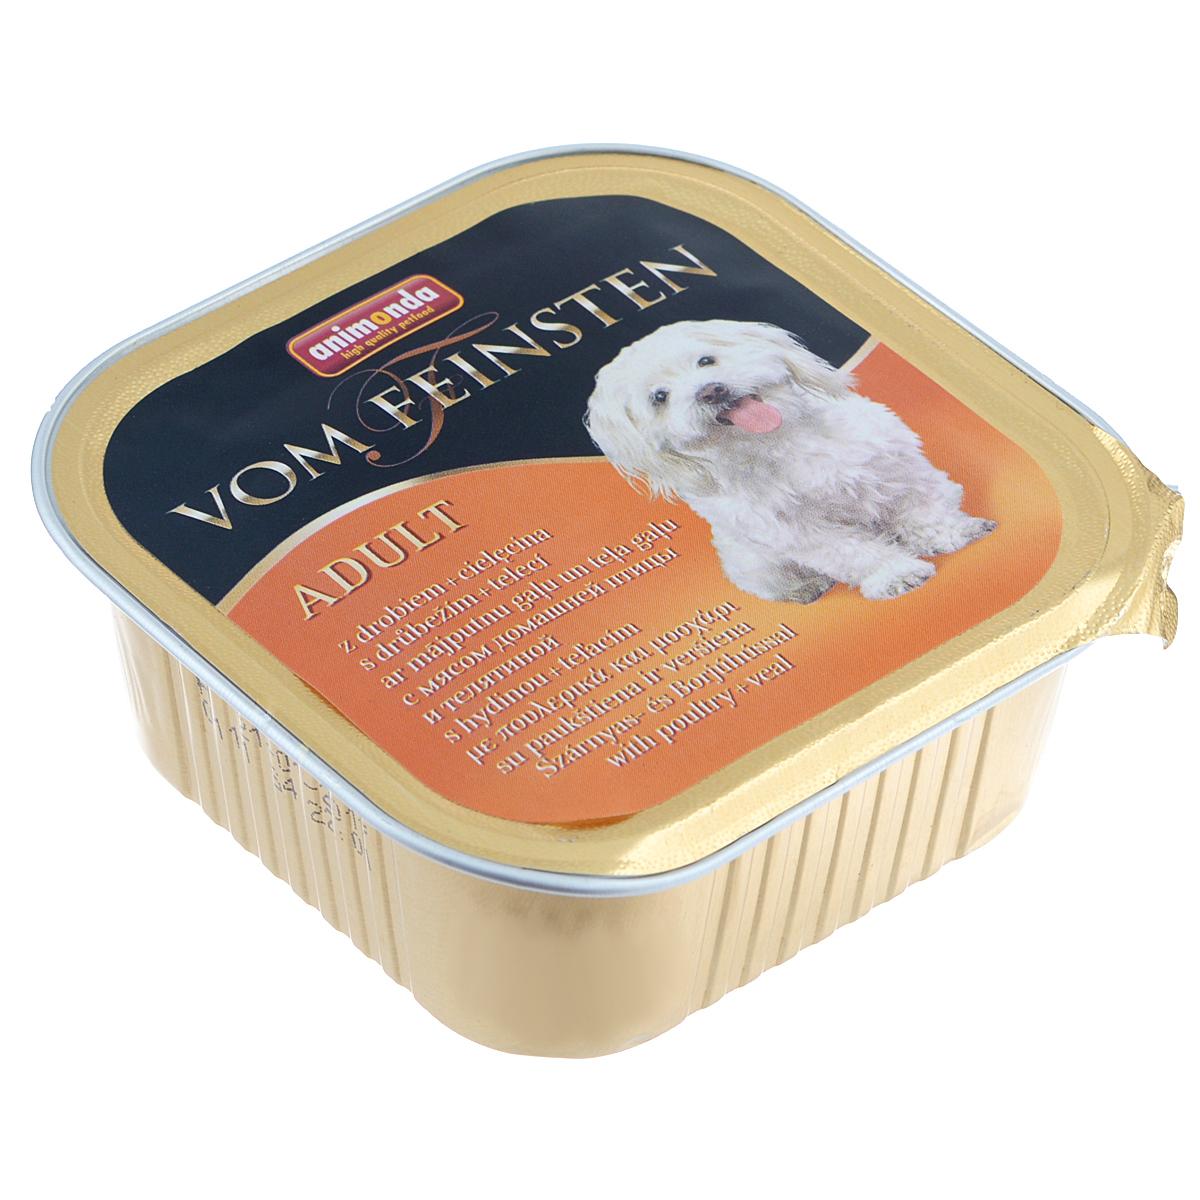 Консервы Animonda Vom Feinsten для взрослых собак, с домашней птицей и телятиной, 150 г139626Консервы Animonda Vom Feinsten - это консервированное полноценное и деликатесное питание на основе отборного мяса в комбинации со специальными ингредиентами для взрослых собак высшего качества.Состав: мясо и мясные продукты 63% (домашняя птица 25%, говядина, свинина, телятина 8%), бульон, минералы.Анализ: белок 10,5%, жир 4,5%, клетчатка 0,4%, зола 2,5%, влажность 81%.Добавки (на 1 кг продукта): витамин D3 120 МЕ, витамин Е (a-токоферол) 15 мг. Вес: 150 г.Товар сертифицирован.